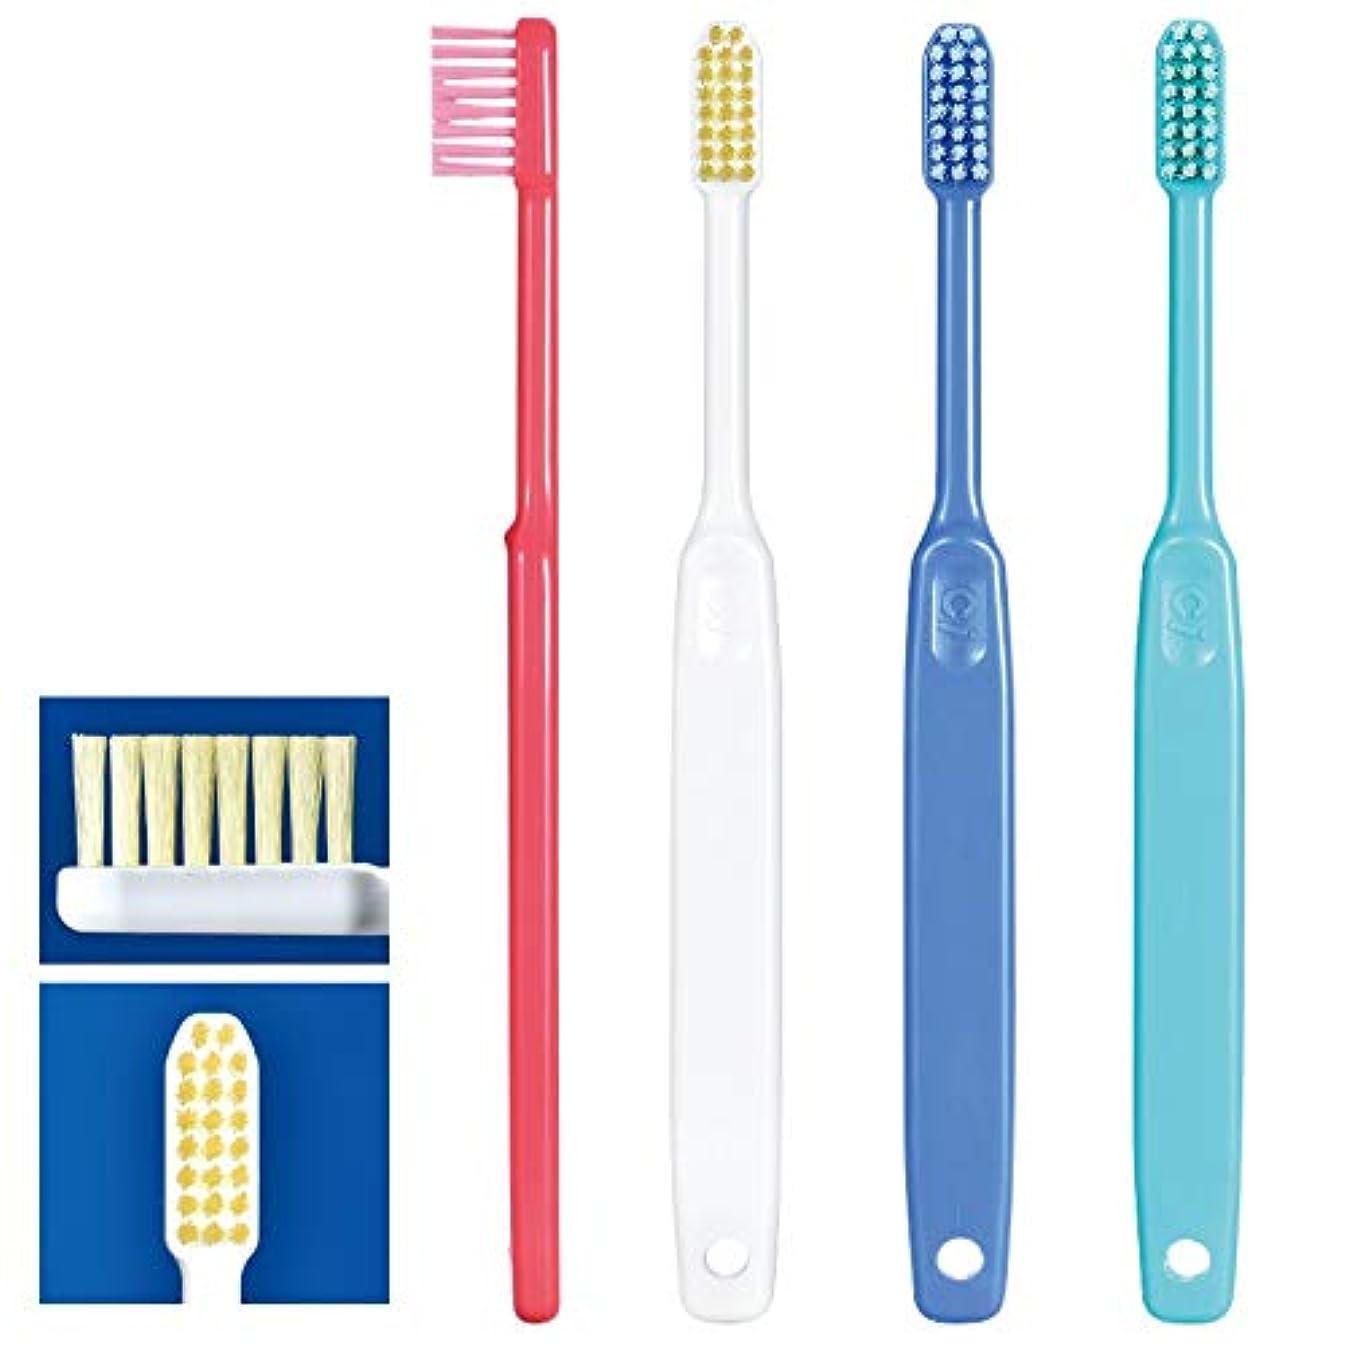 操縦する前に配置Ci20カラー歯ブラシ 20本 MS(やややわらかめ) 日本製 カラー毛 高密度植毛 歯科専売品